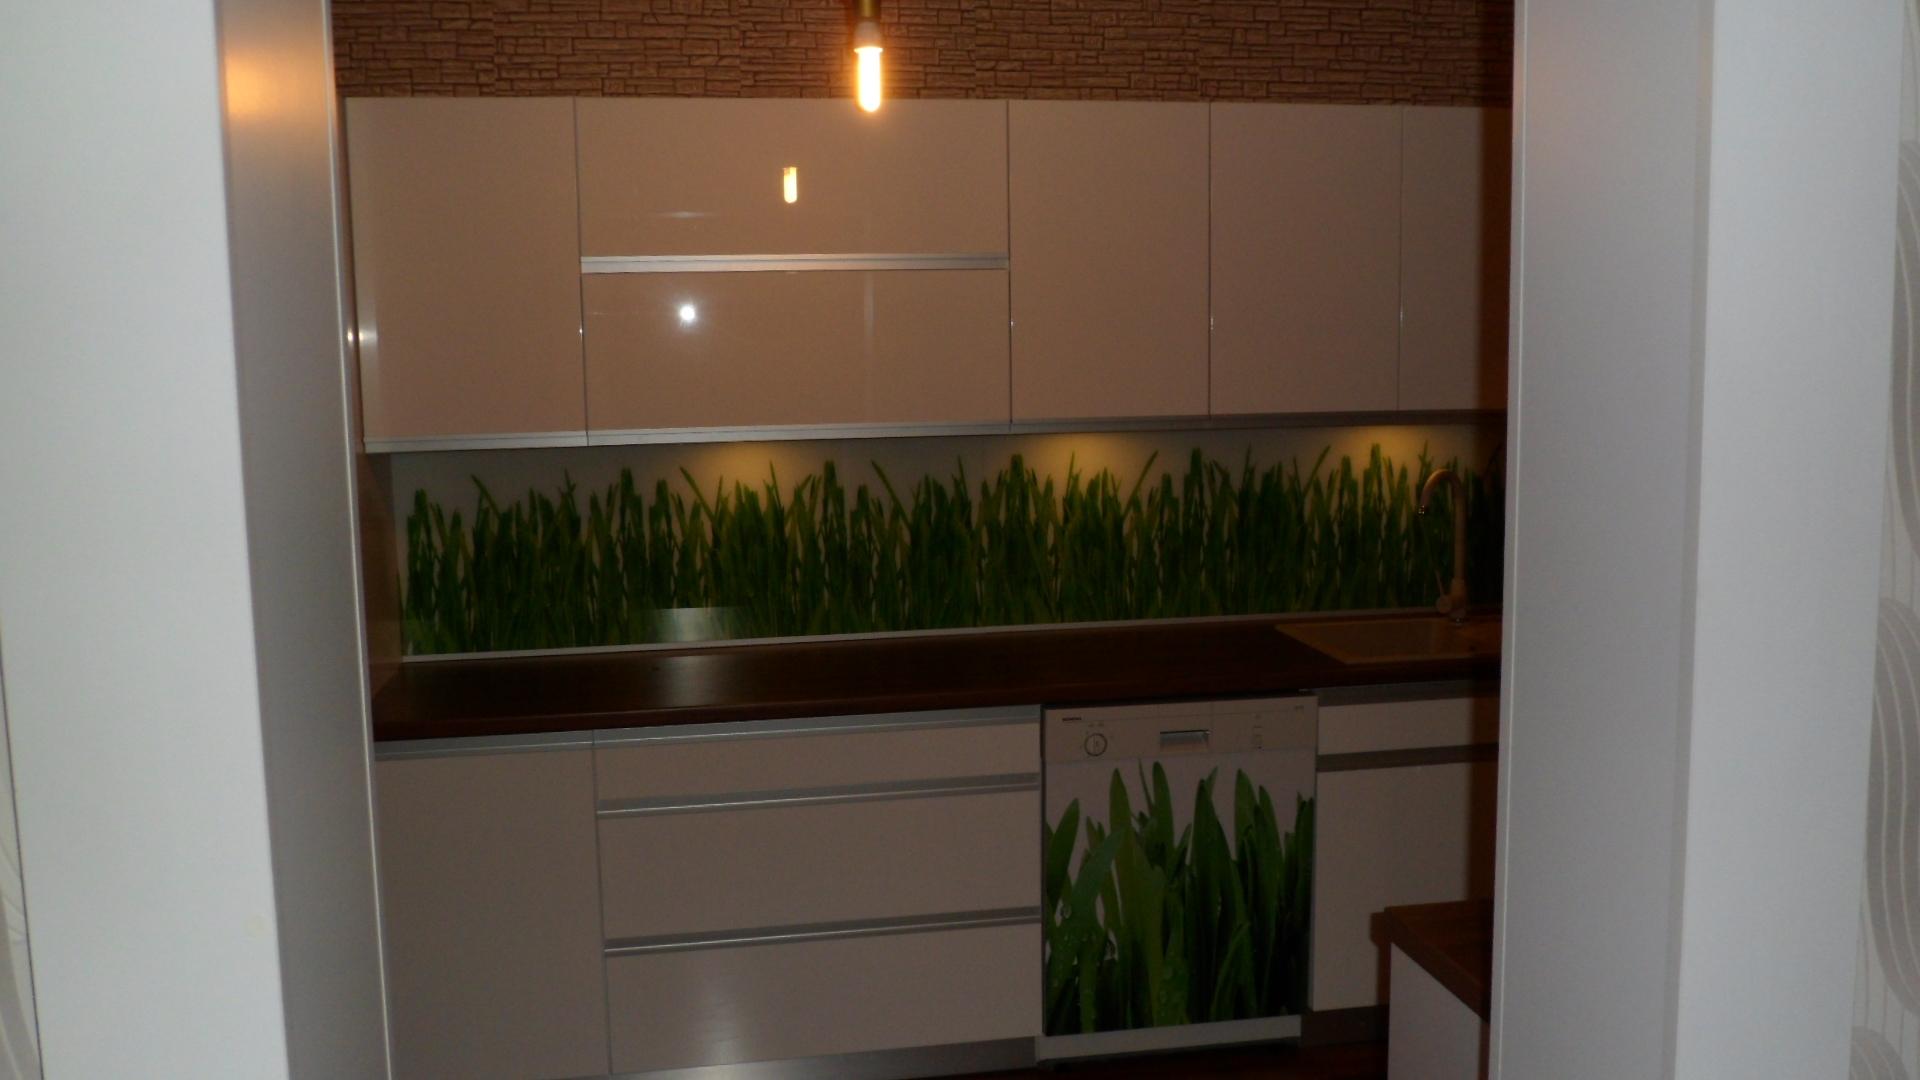 kuchnie białe nowoczesne, kuchnie białe nowoczesne Warszawa, kuchnie białe lakierowane,